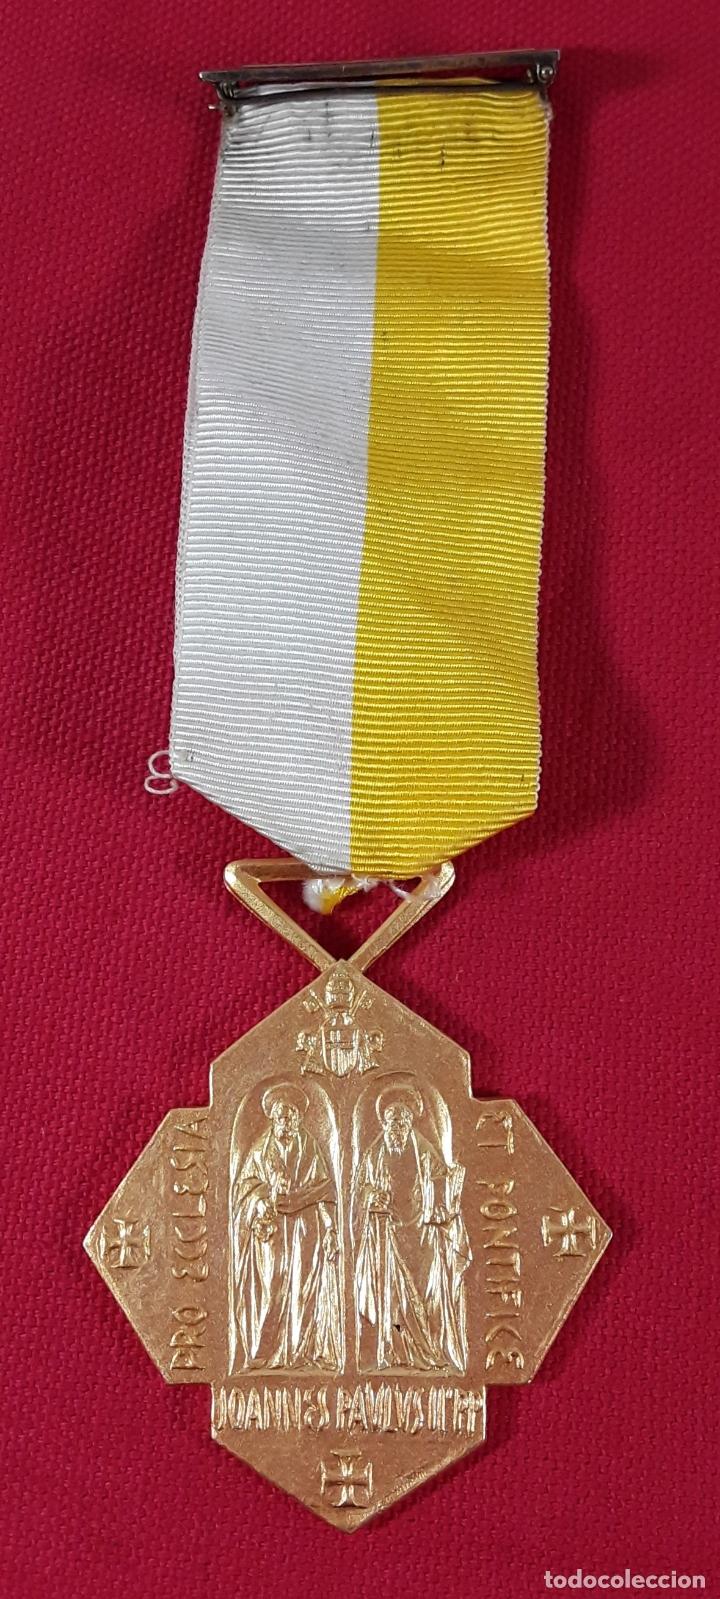 CONDECORACIÓN, METAL DORADO. JOANNI BASSEGODA NONELL. ESPAÑA. 2002. (Numismática - Medallería - Condecoraciones)